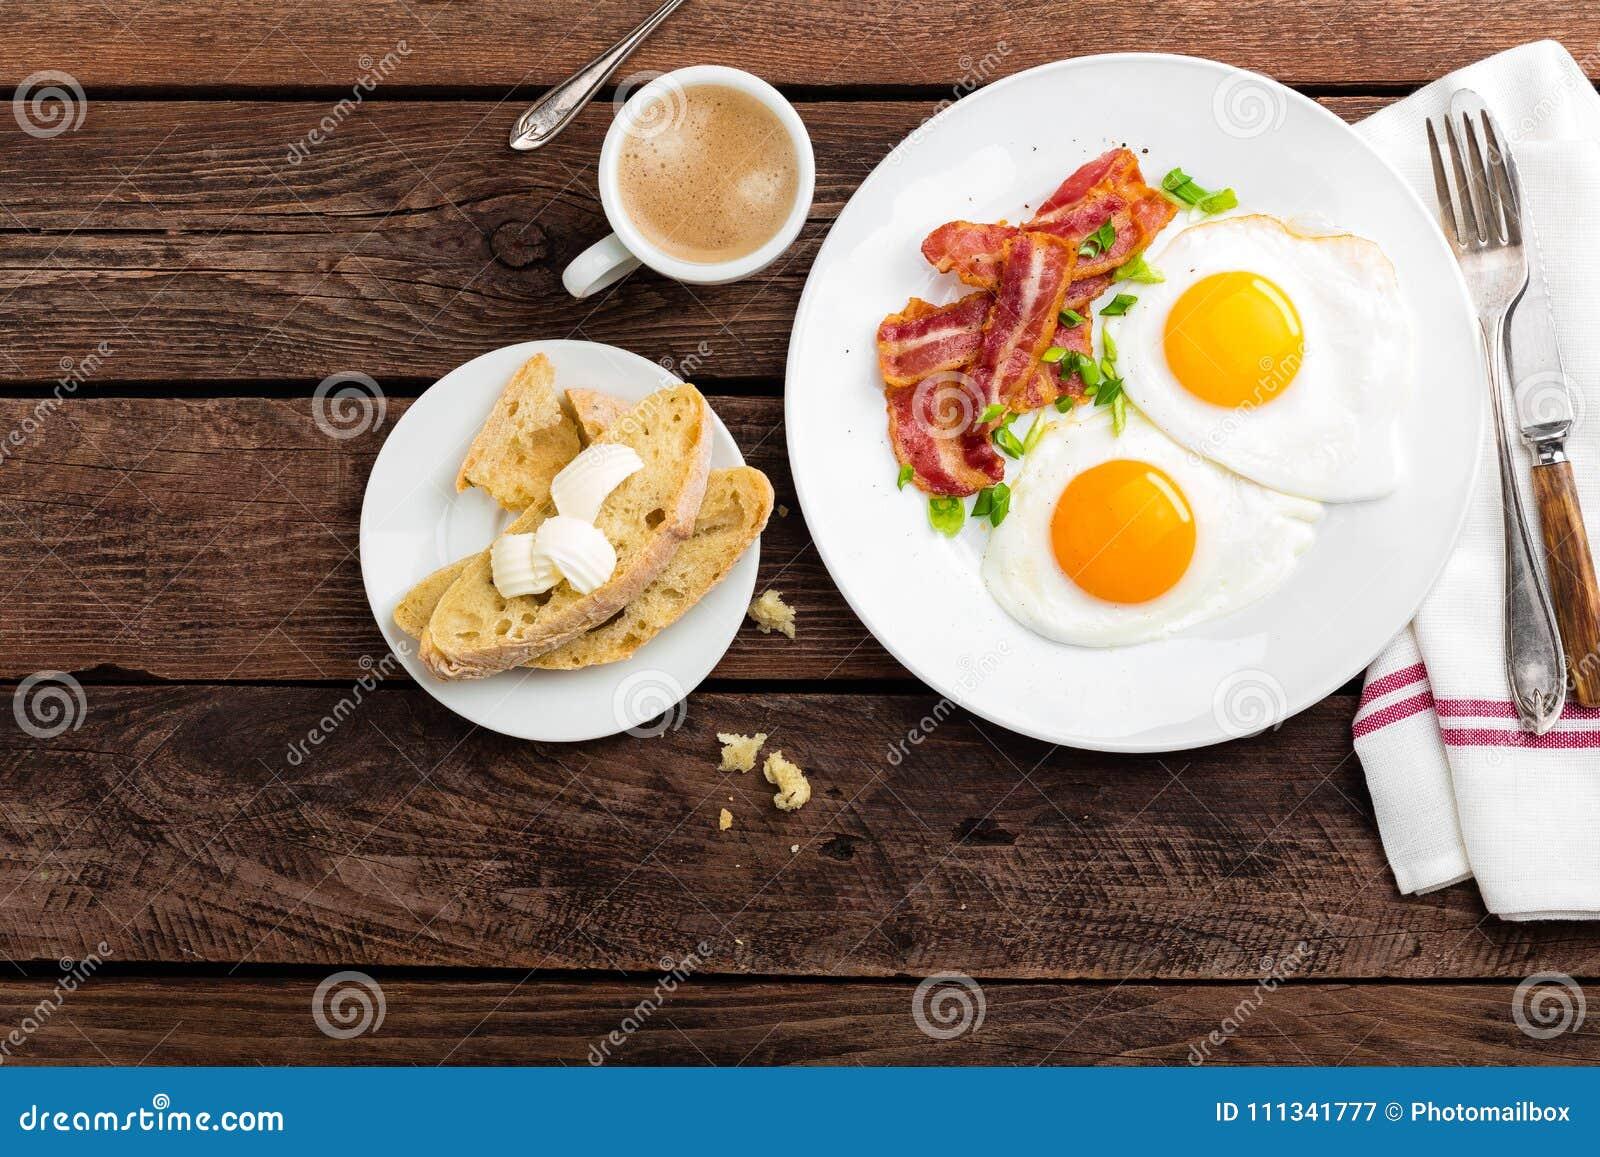 Spiegeleier, Speck und italienisches ciabatta Brot auf weißer Platte Tasse Kaffee Draufsicht des Frühstücks Hölzerner Hintergrund